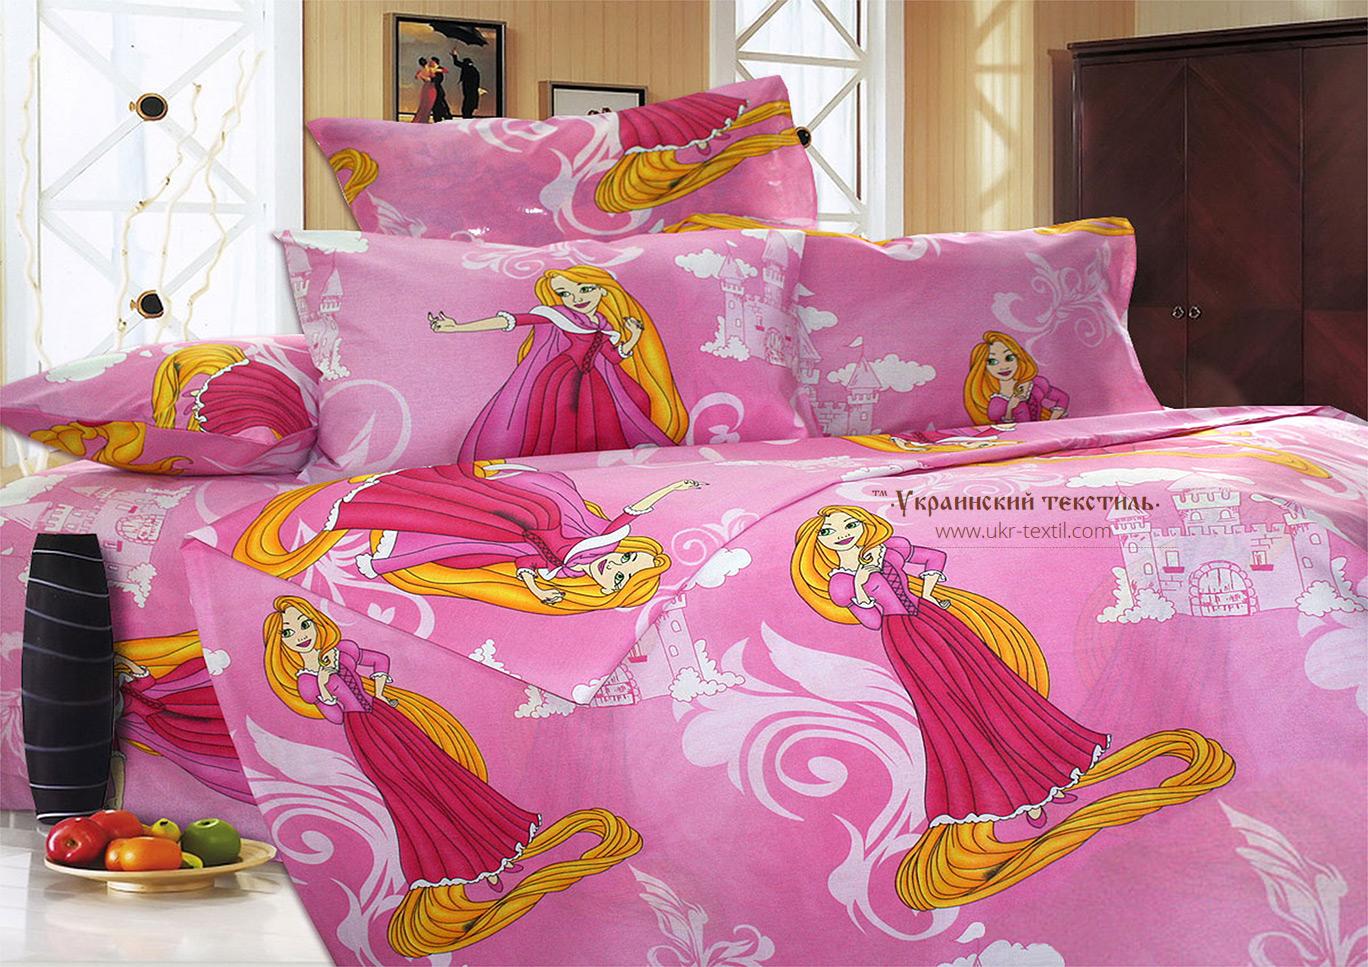 Детское постельное белье в кроватку бязь (Турция) купить Украина e9ed9965d8a2a